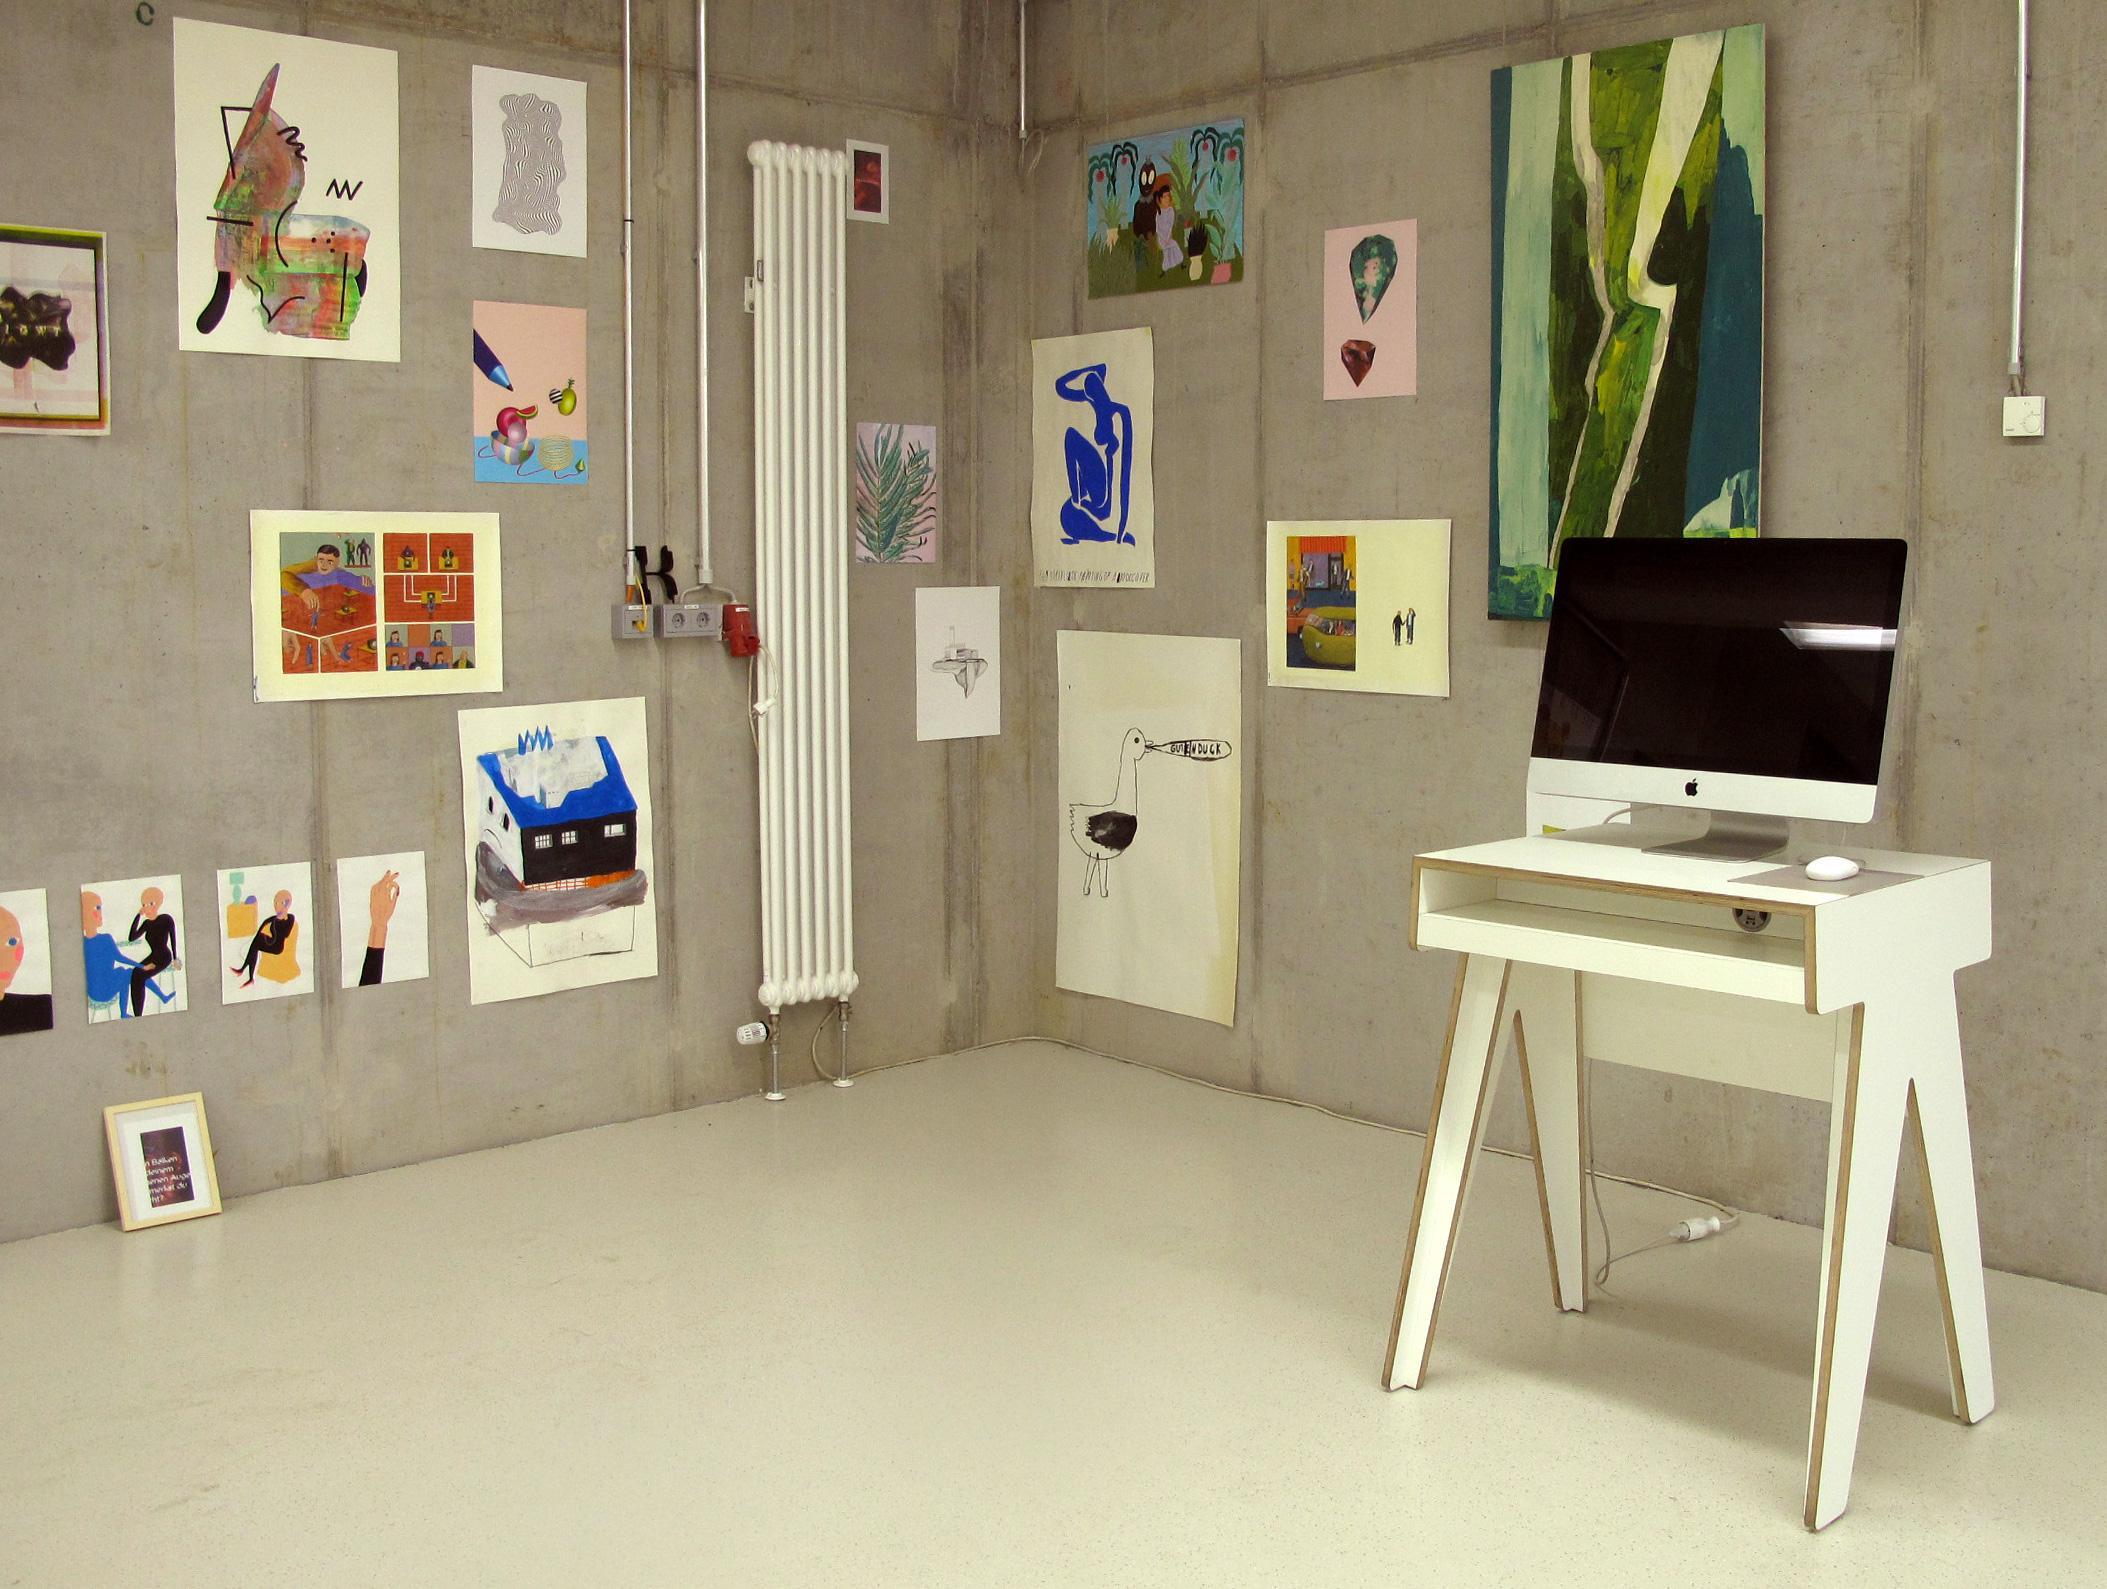 jahresausstellung der burg giebichenstein kunsthochschule halle mit einzelner imacunit ablage computertisch sekretr - Computertisch Fr Imac 27